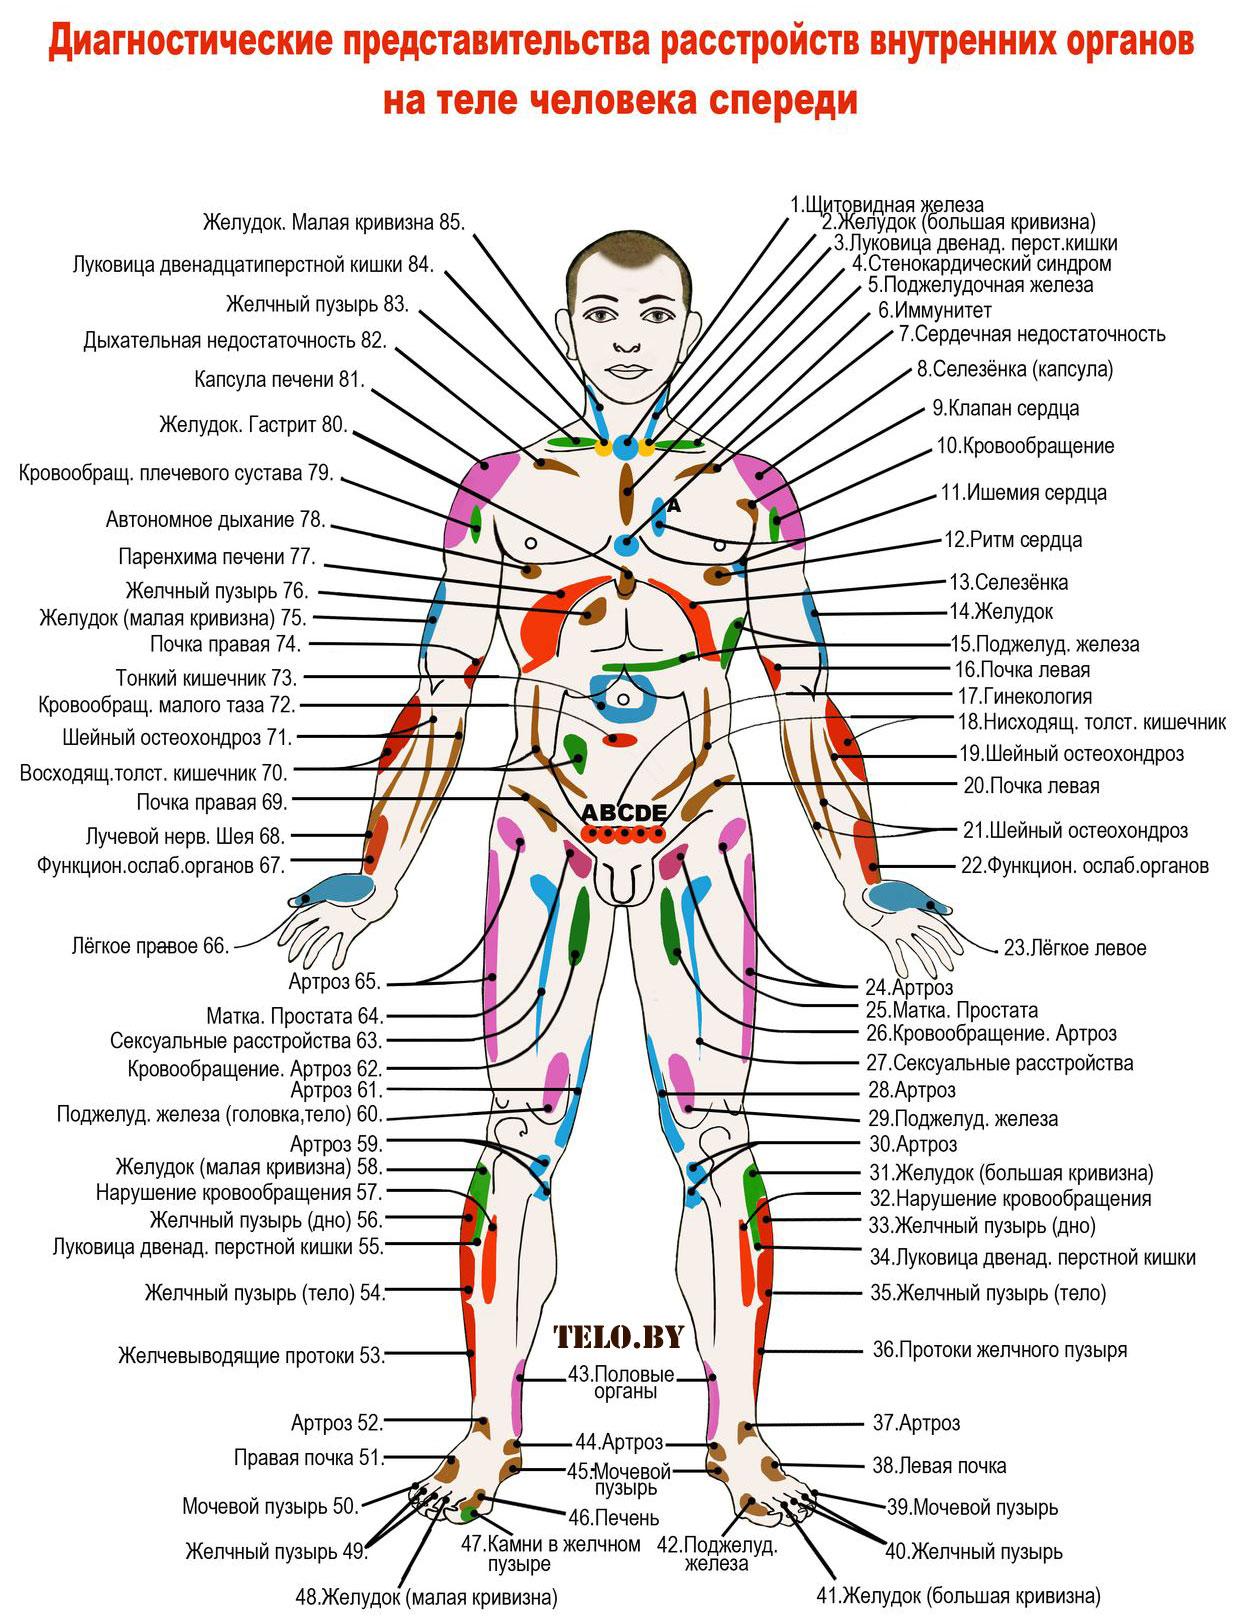 внутренние органы человека схема расположения у женщин